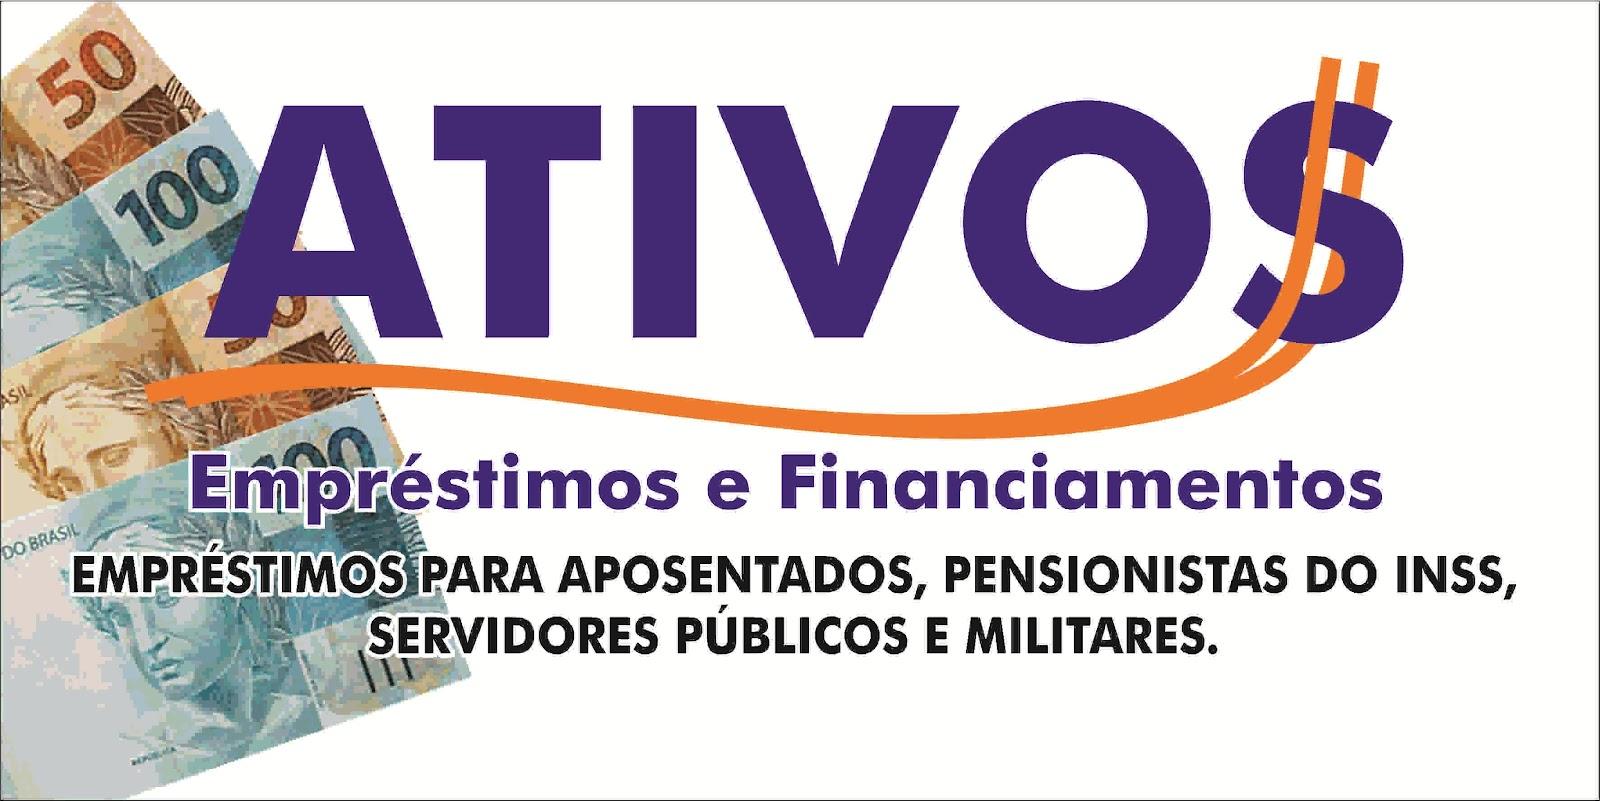 ATIVOS.jpg